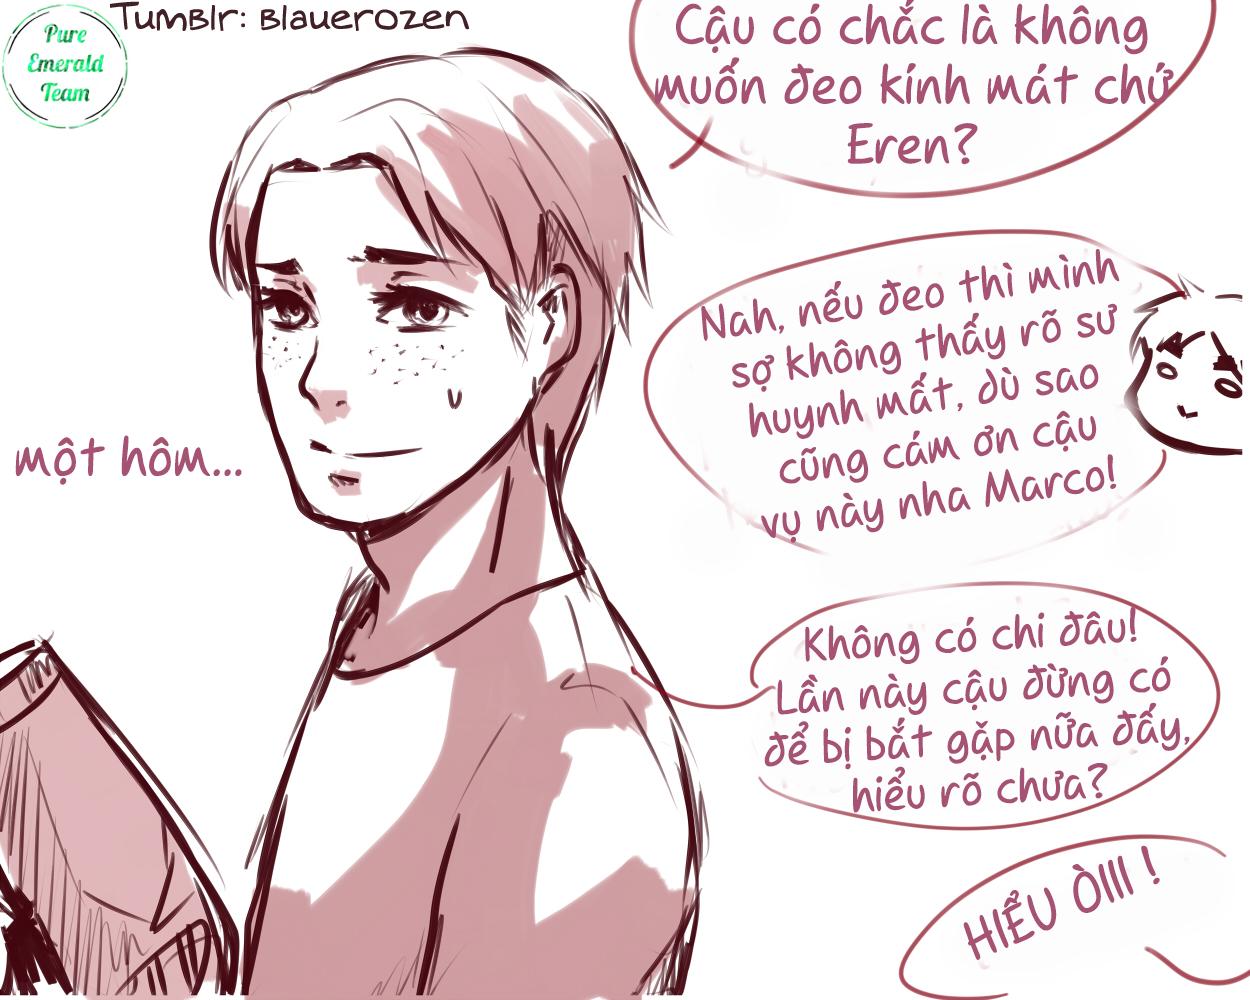 [Pure Emerald] - Tên nhóc đẹp trai và khó ưa đó - Tác giả Blauerozen - Trang 16